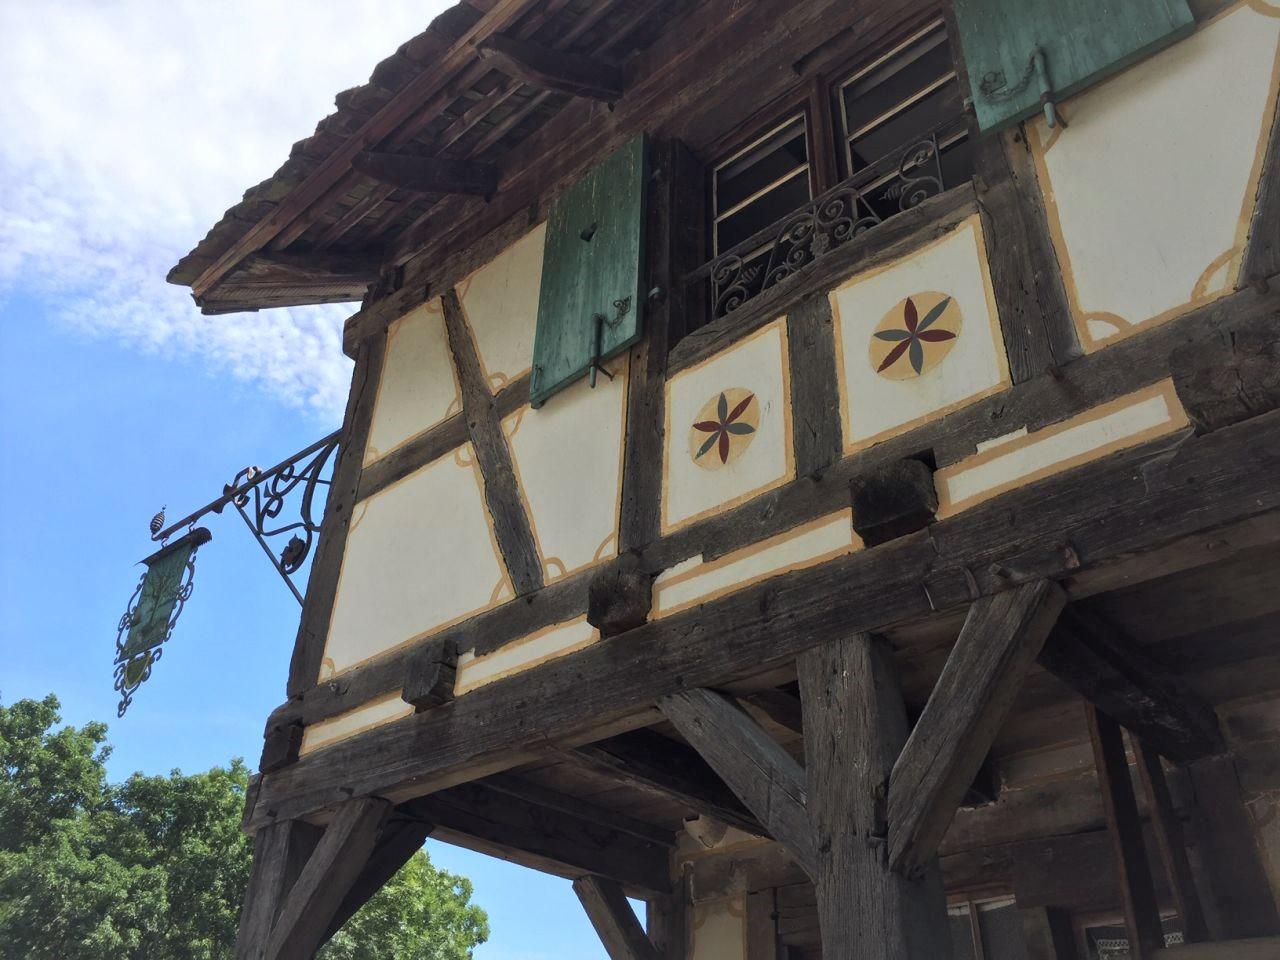 Detail des Fachwerks und des Nasenschild vom Winzerhaus Hésingue im Écomusée d'Alsace.